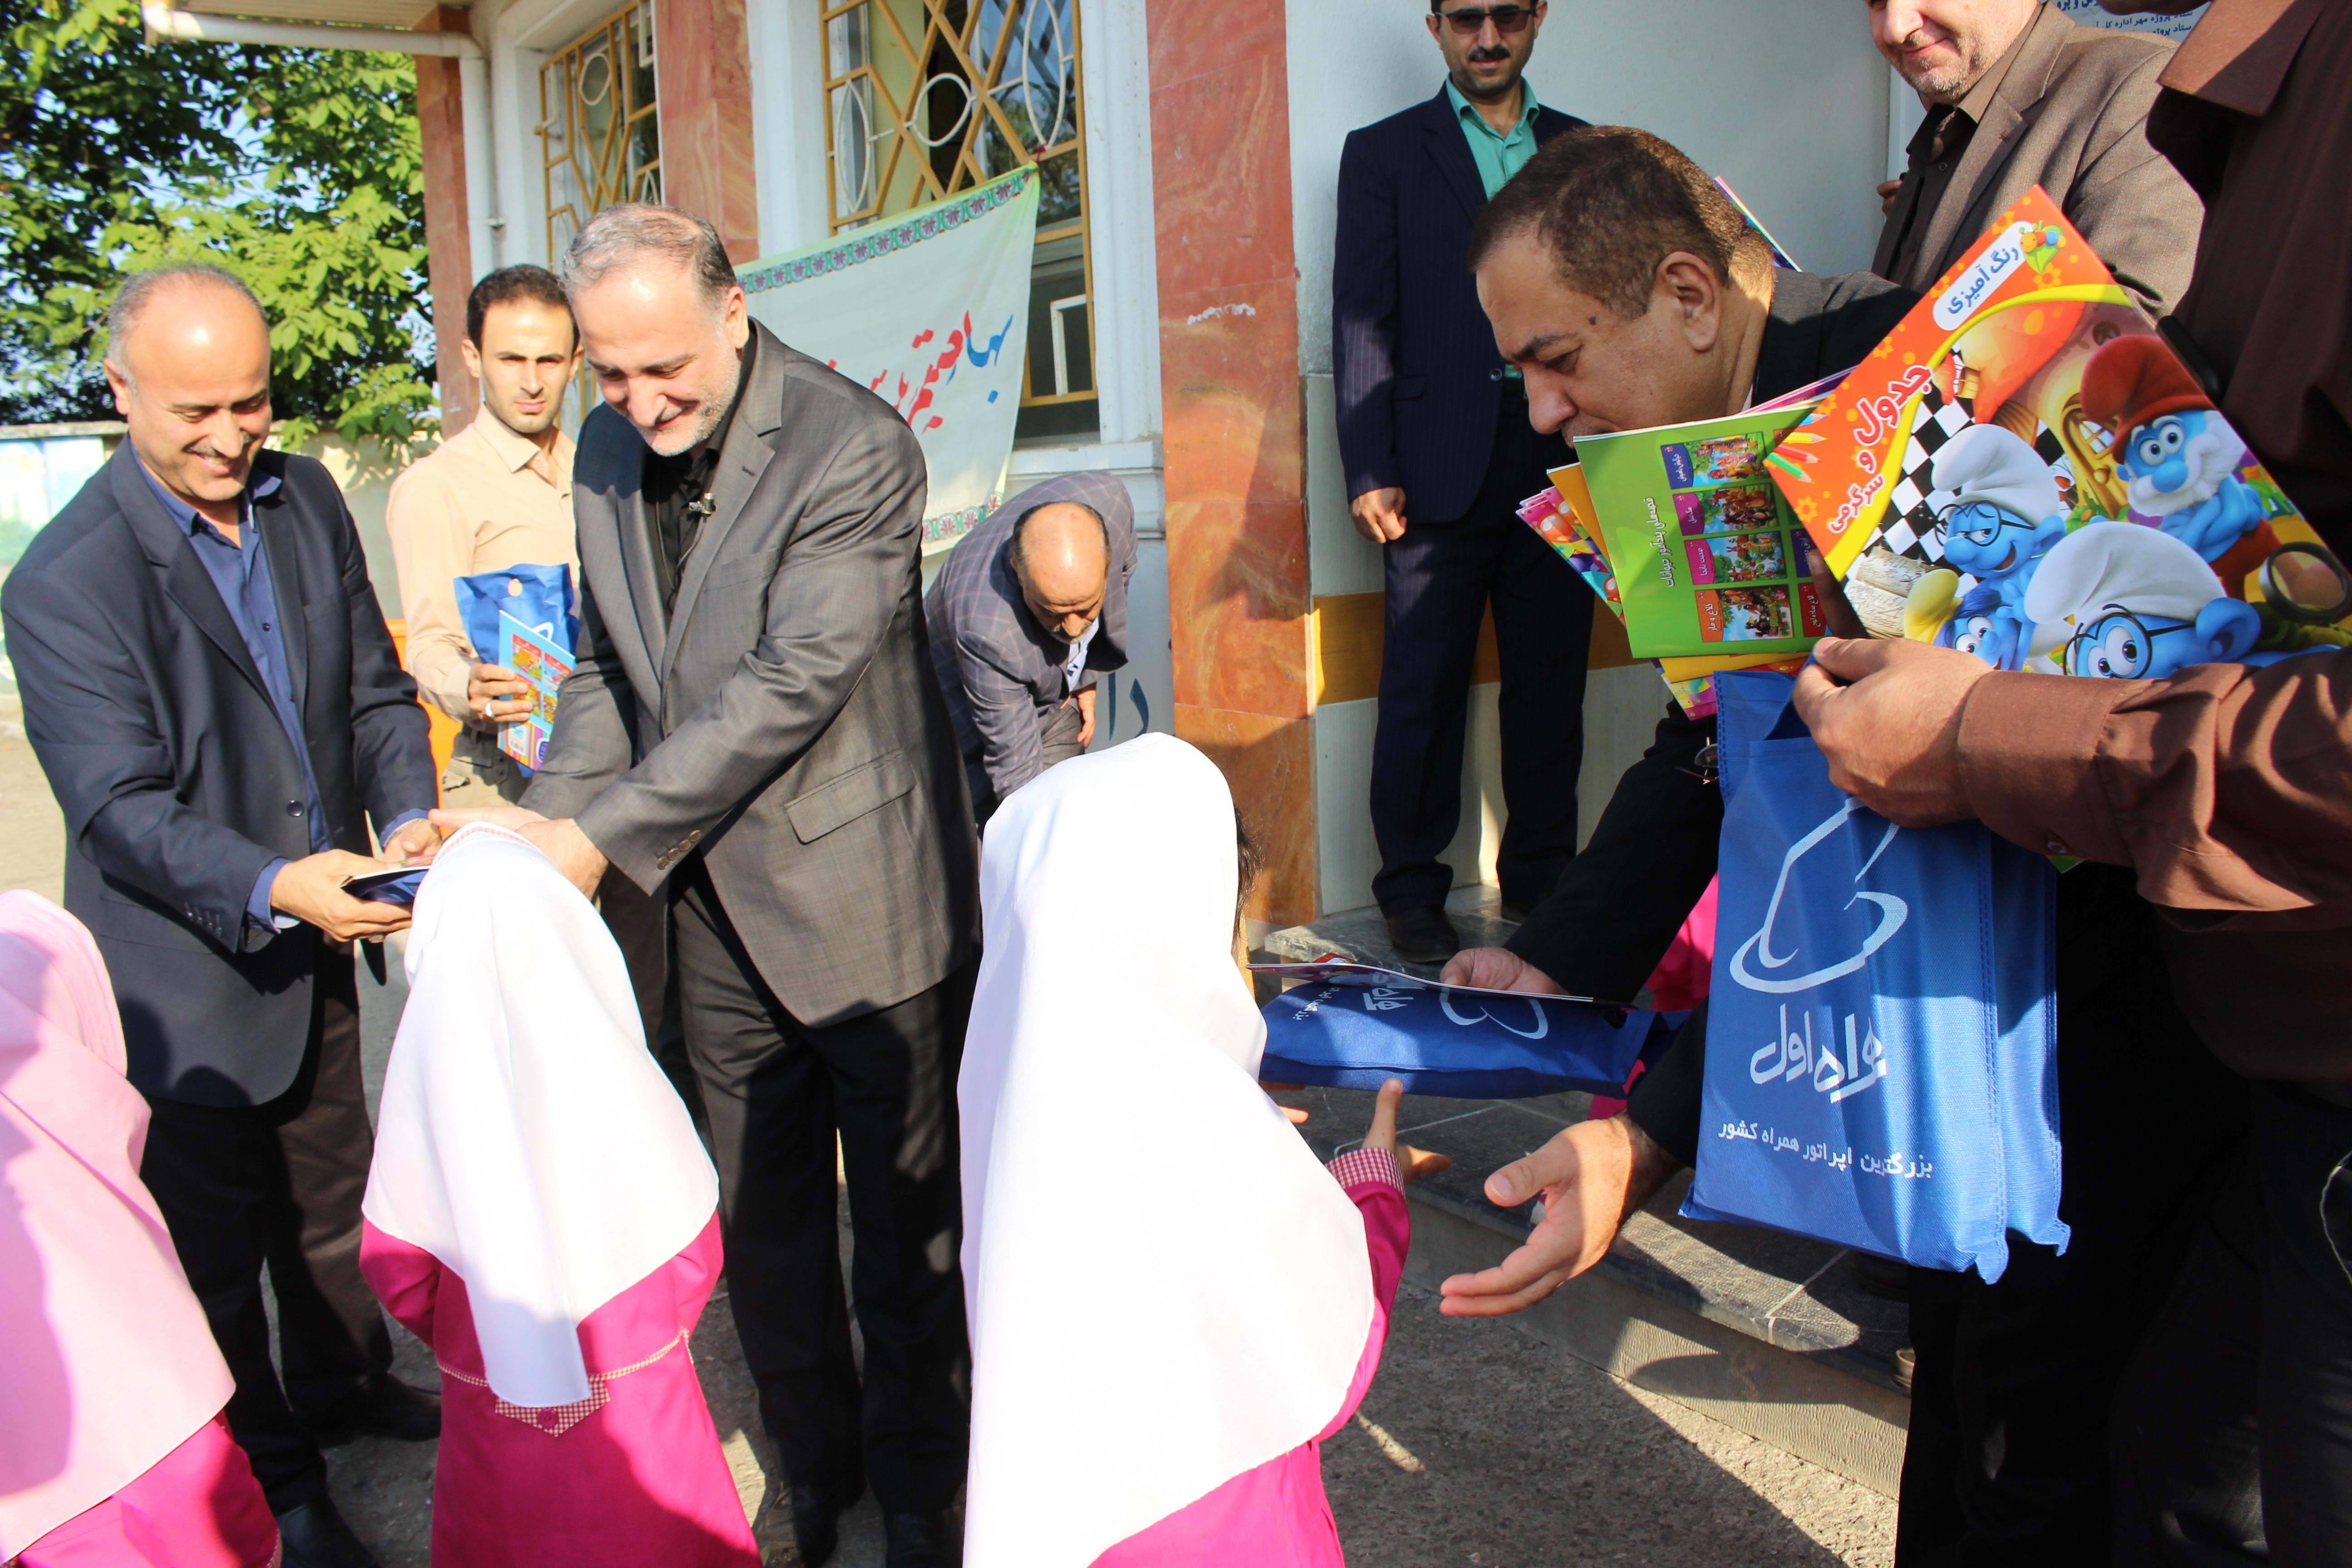 لبخندی که مدیر کل مخابرات گیلان با یک پکیج مدرسه ای بر لب کودکان روستای بوئین نشاند